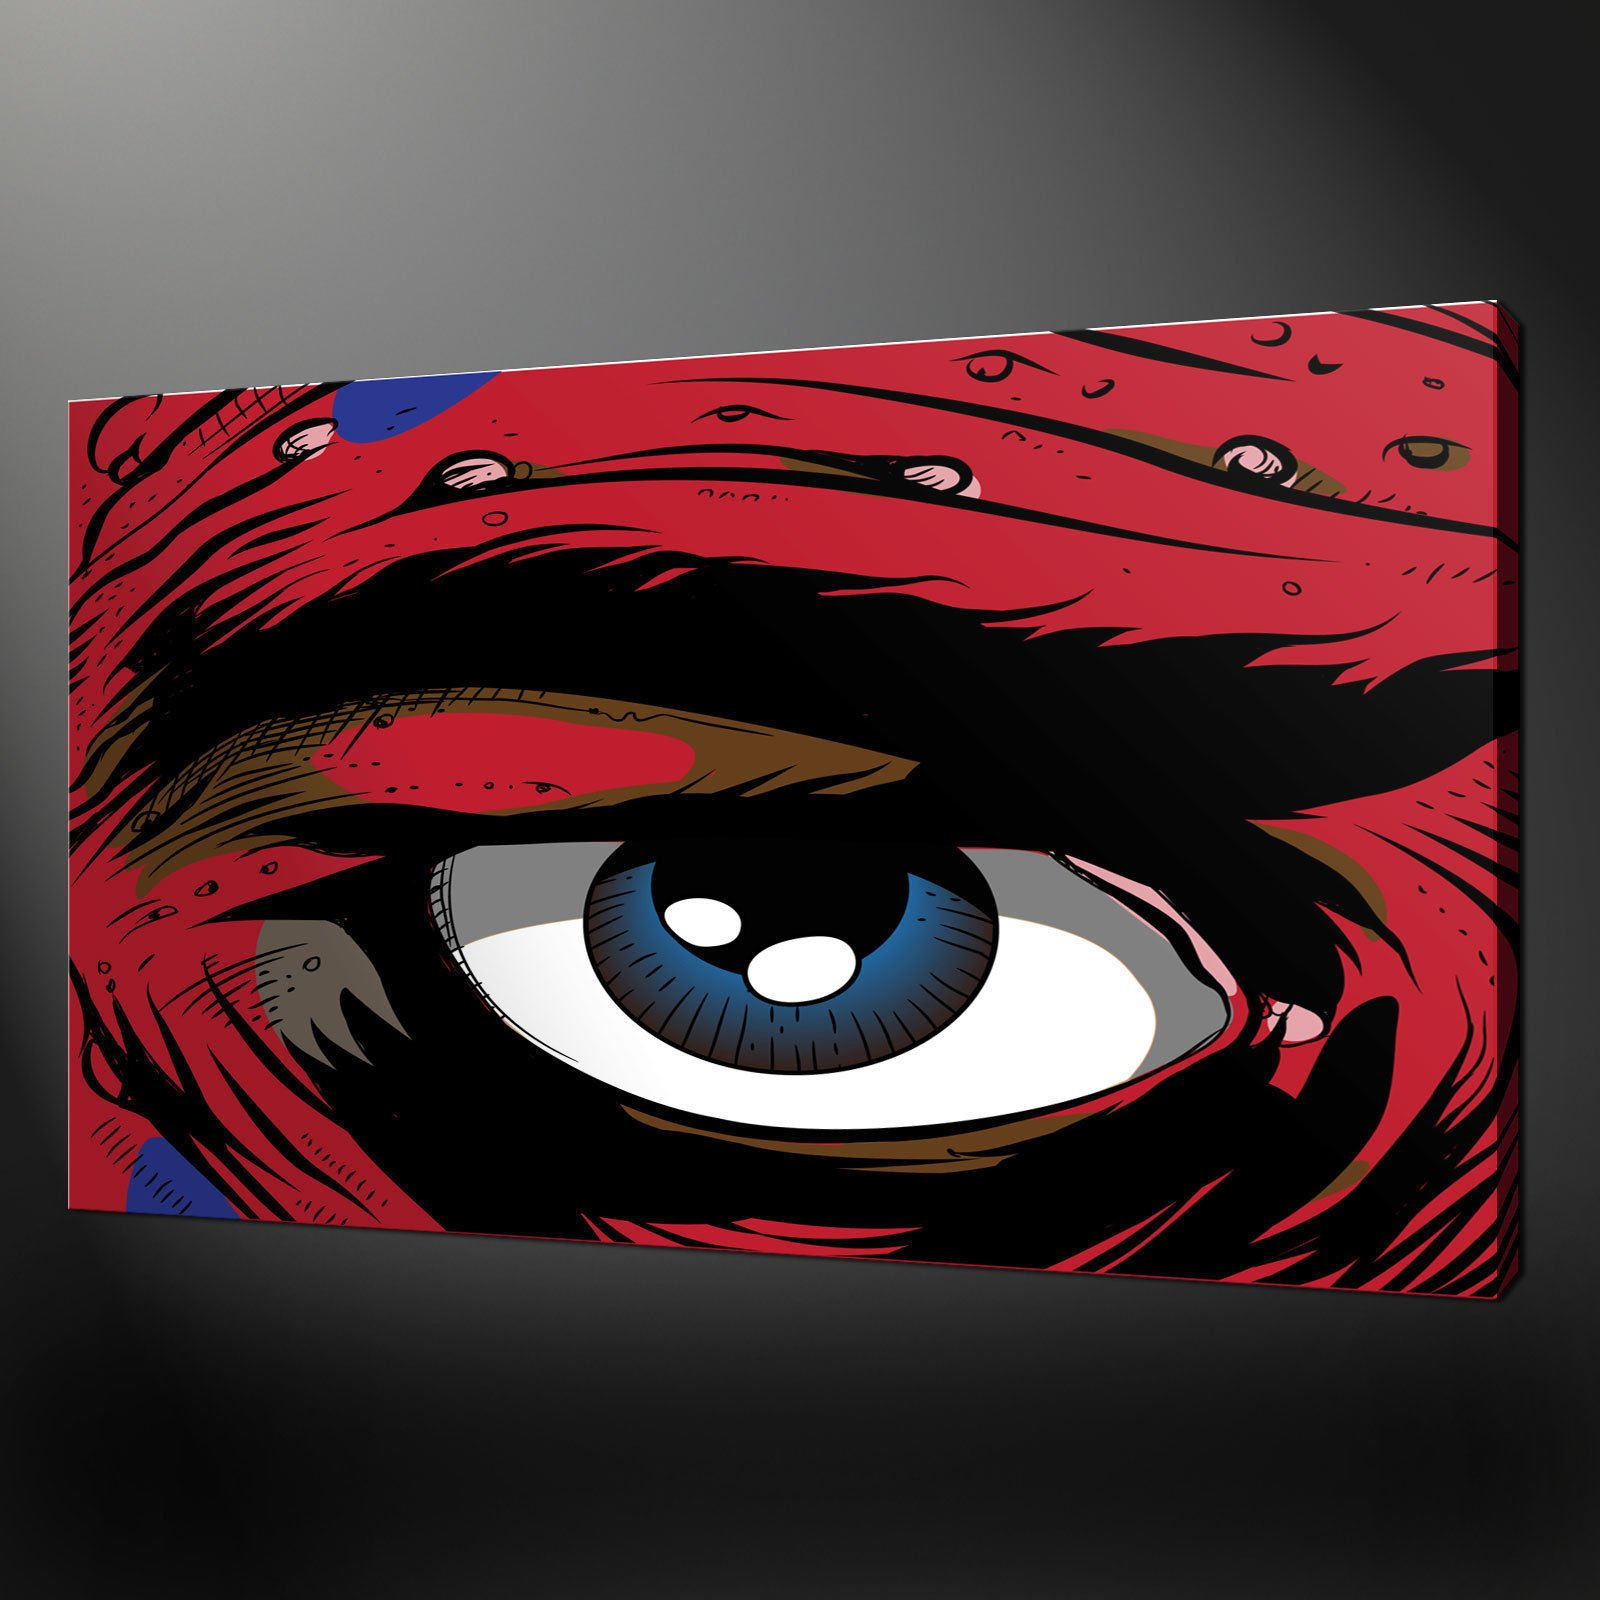 Graffiti eye canvas wall art